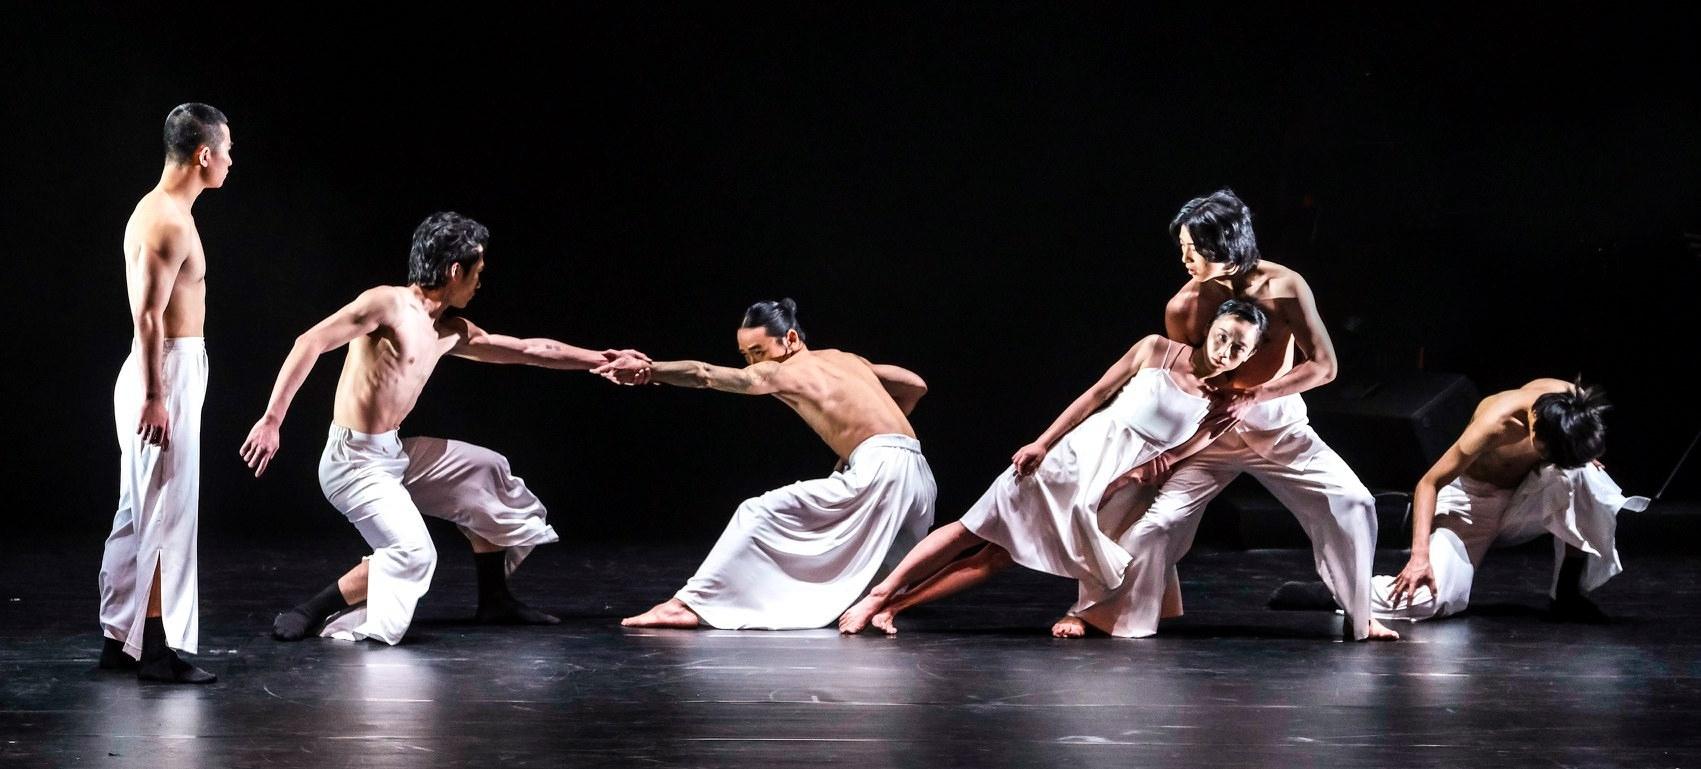 Le Chant De L'eau : Un Spectacle Musical Et Dansé Au tout Spectacle Danse Chinoise